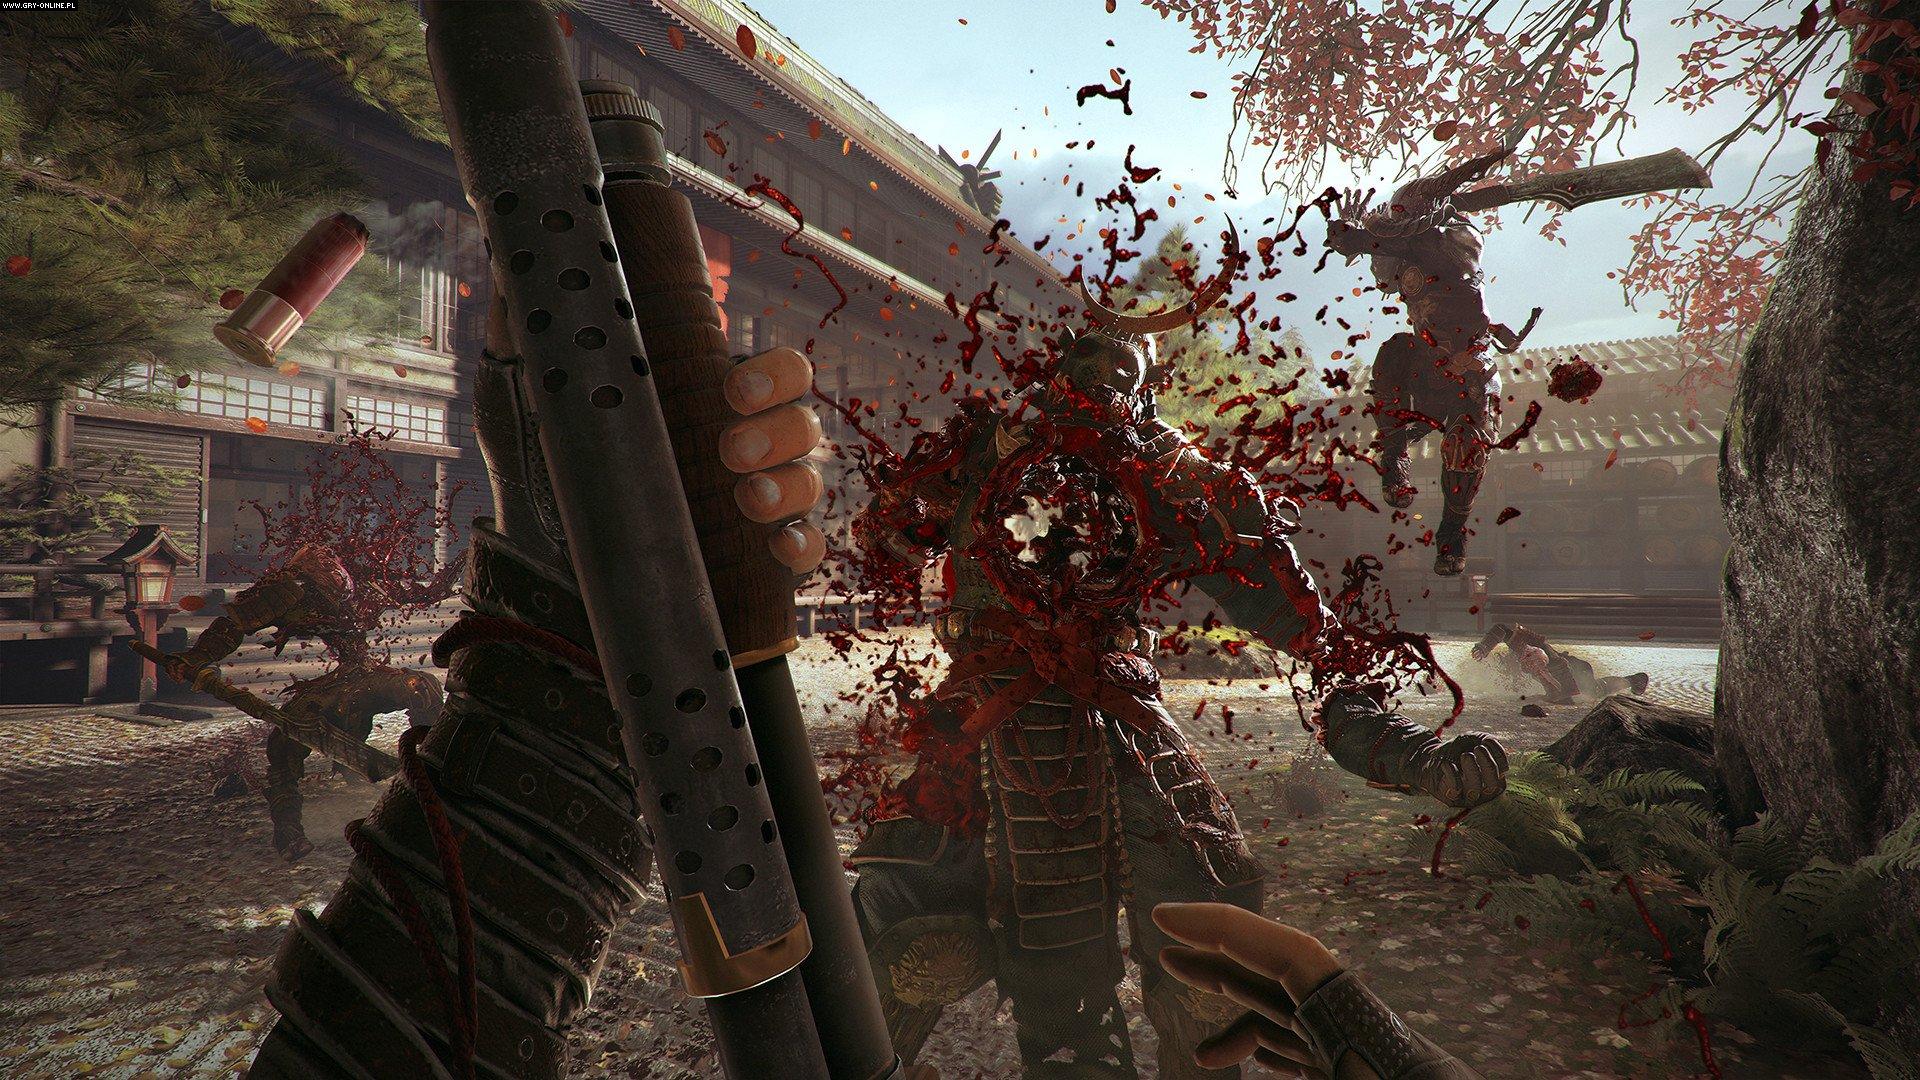 Shadow Warrior 2 PC, PS4, XONE Games Image 13/13, Flying Wild Hog, Devolver Digital